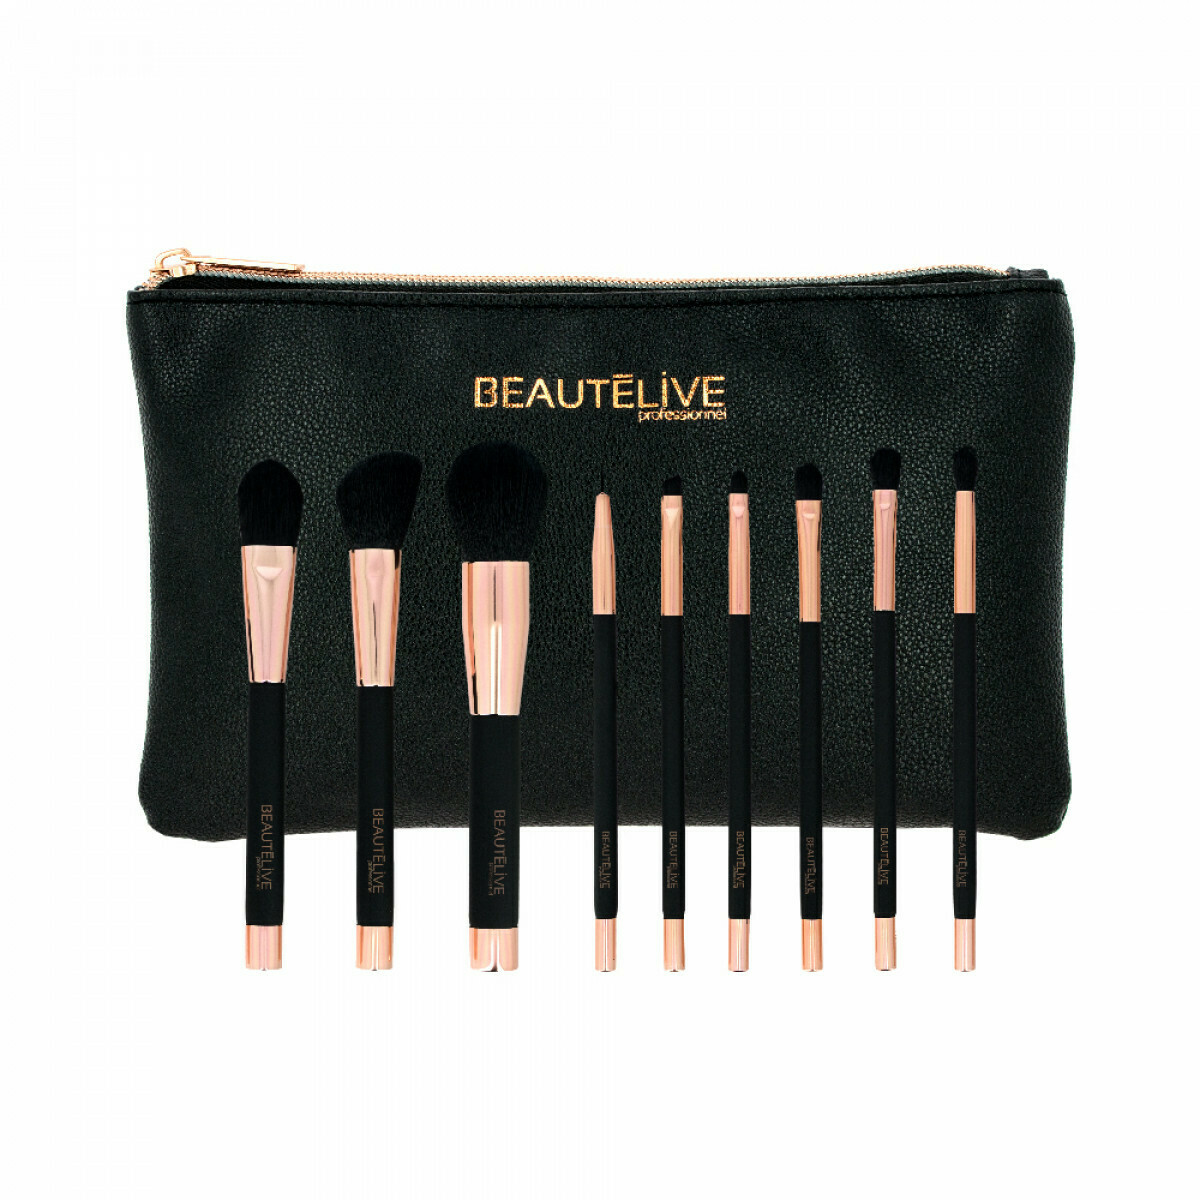 Trousse 9 pinceaux à maquillage Midnight Show Beautélive